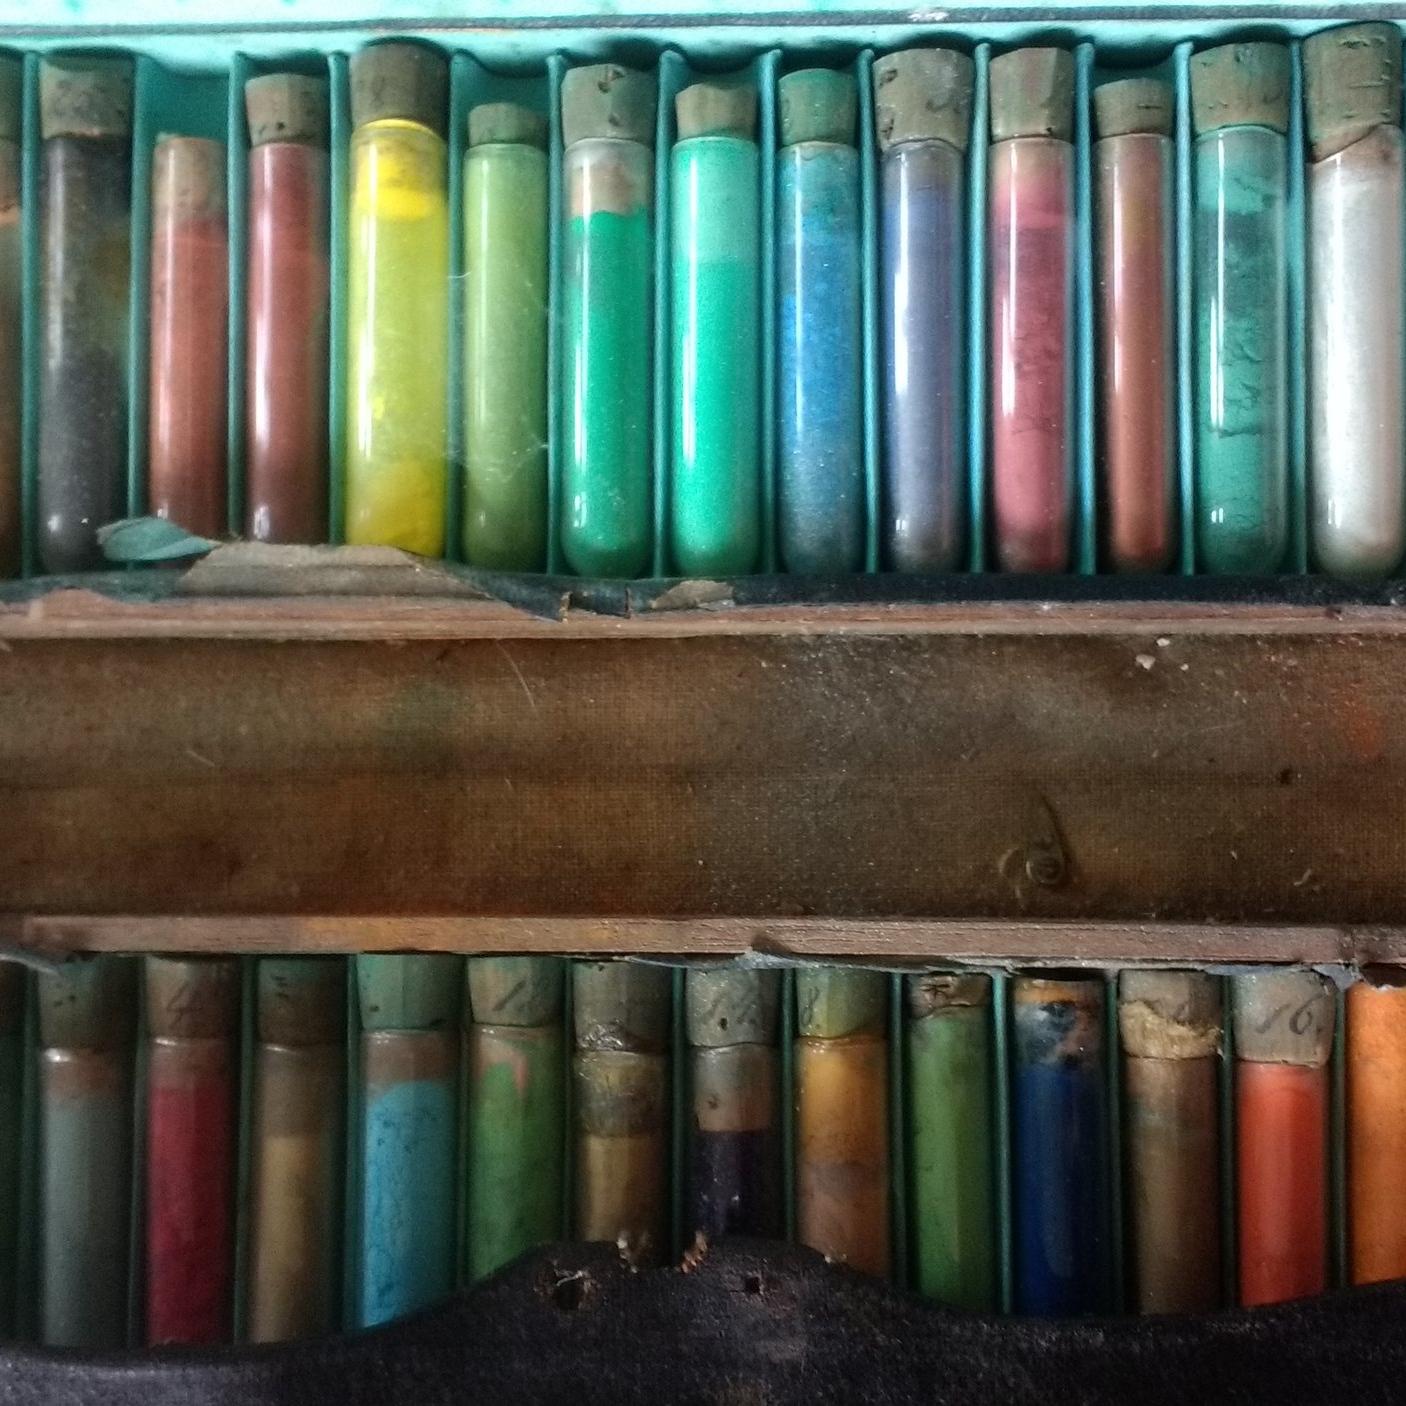 afbeelding 2 Kleur.jpg